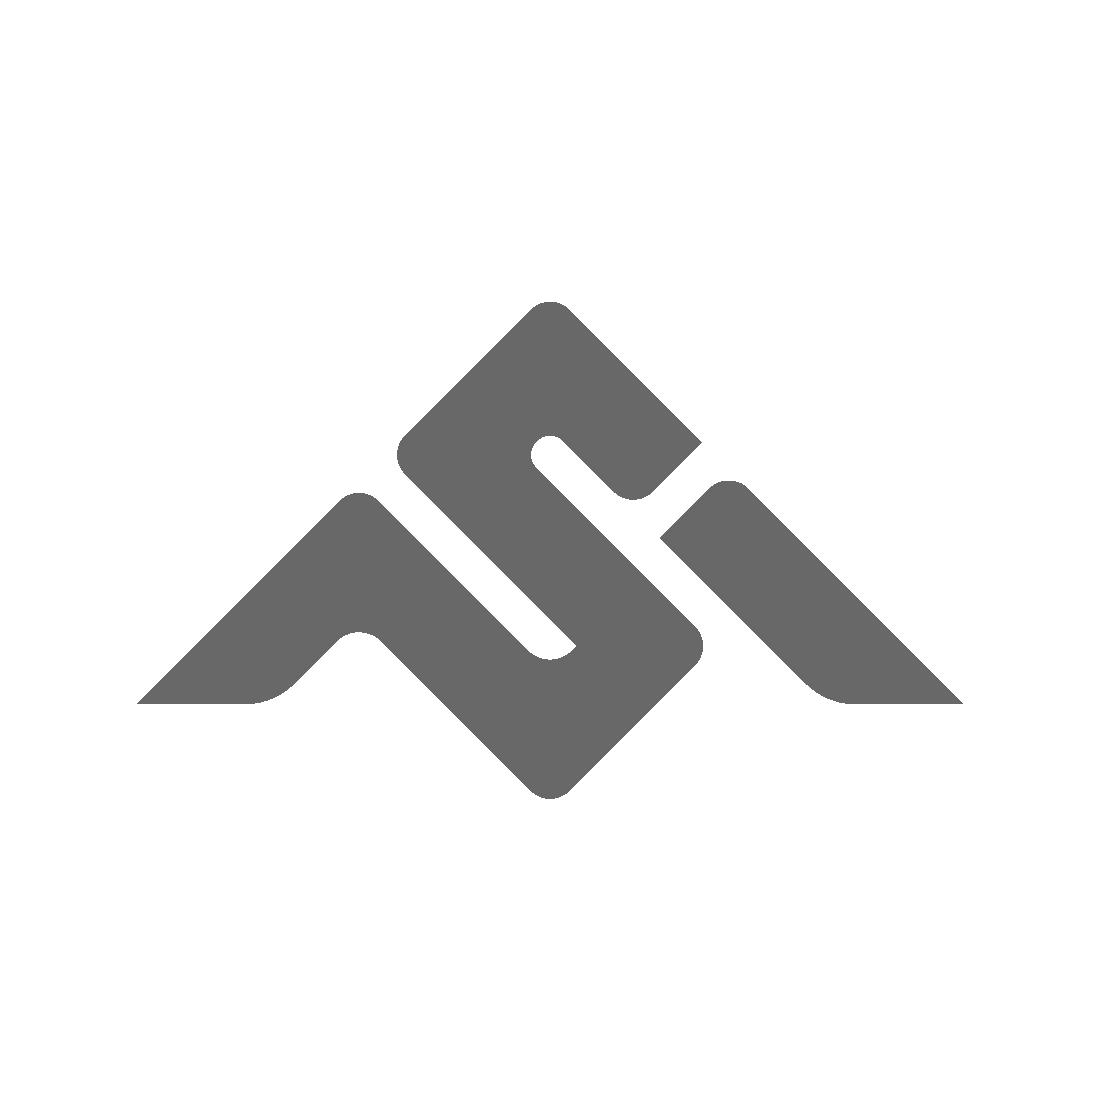 roller powerslide tundra kaze suv inline skates tout terrain glisser a n 39 a plus aucune limite. Black Bedroom Furniture Sets. Home Design Ideas